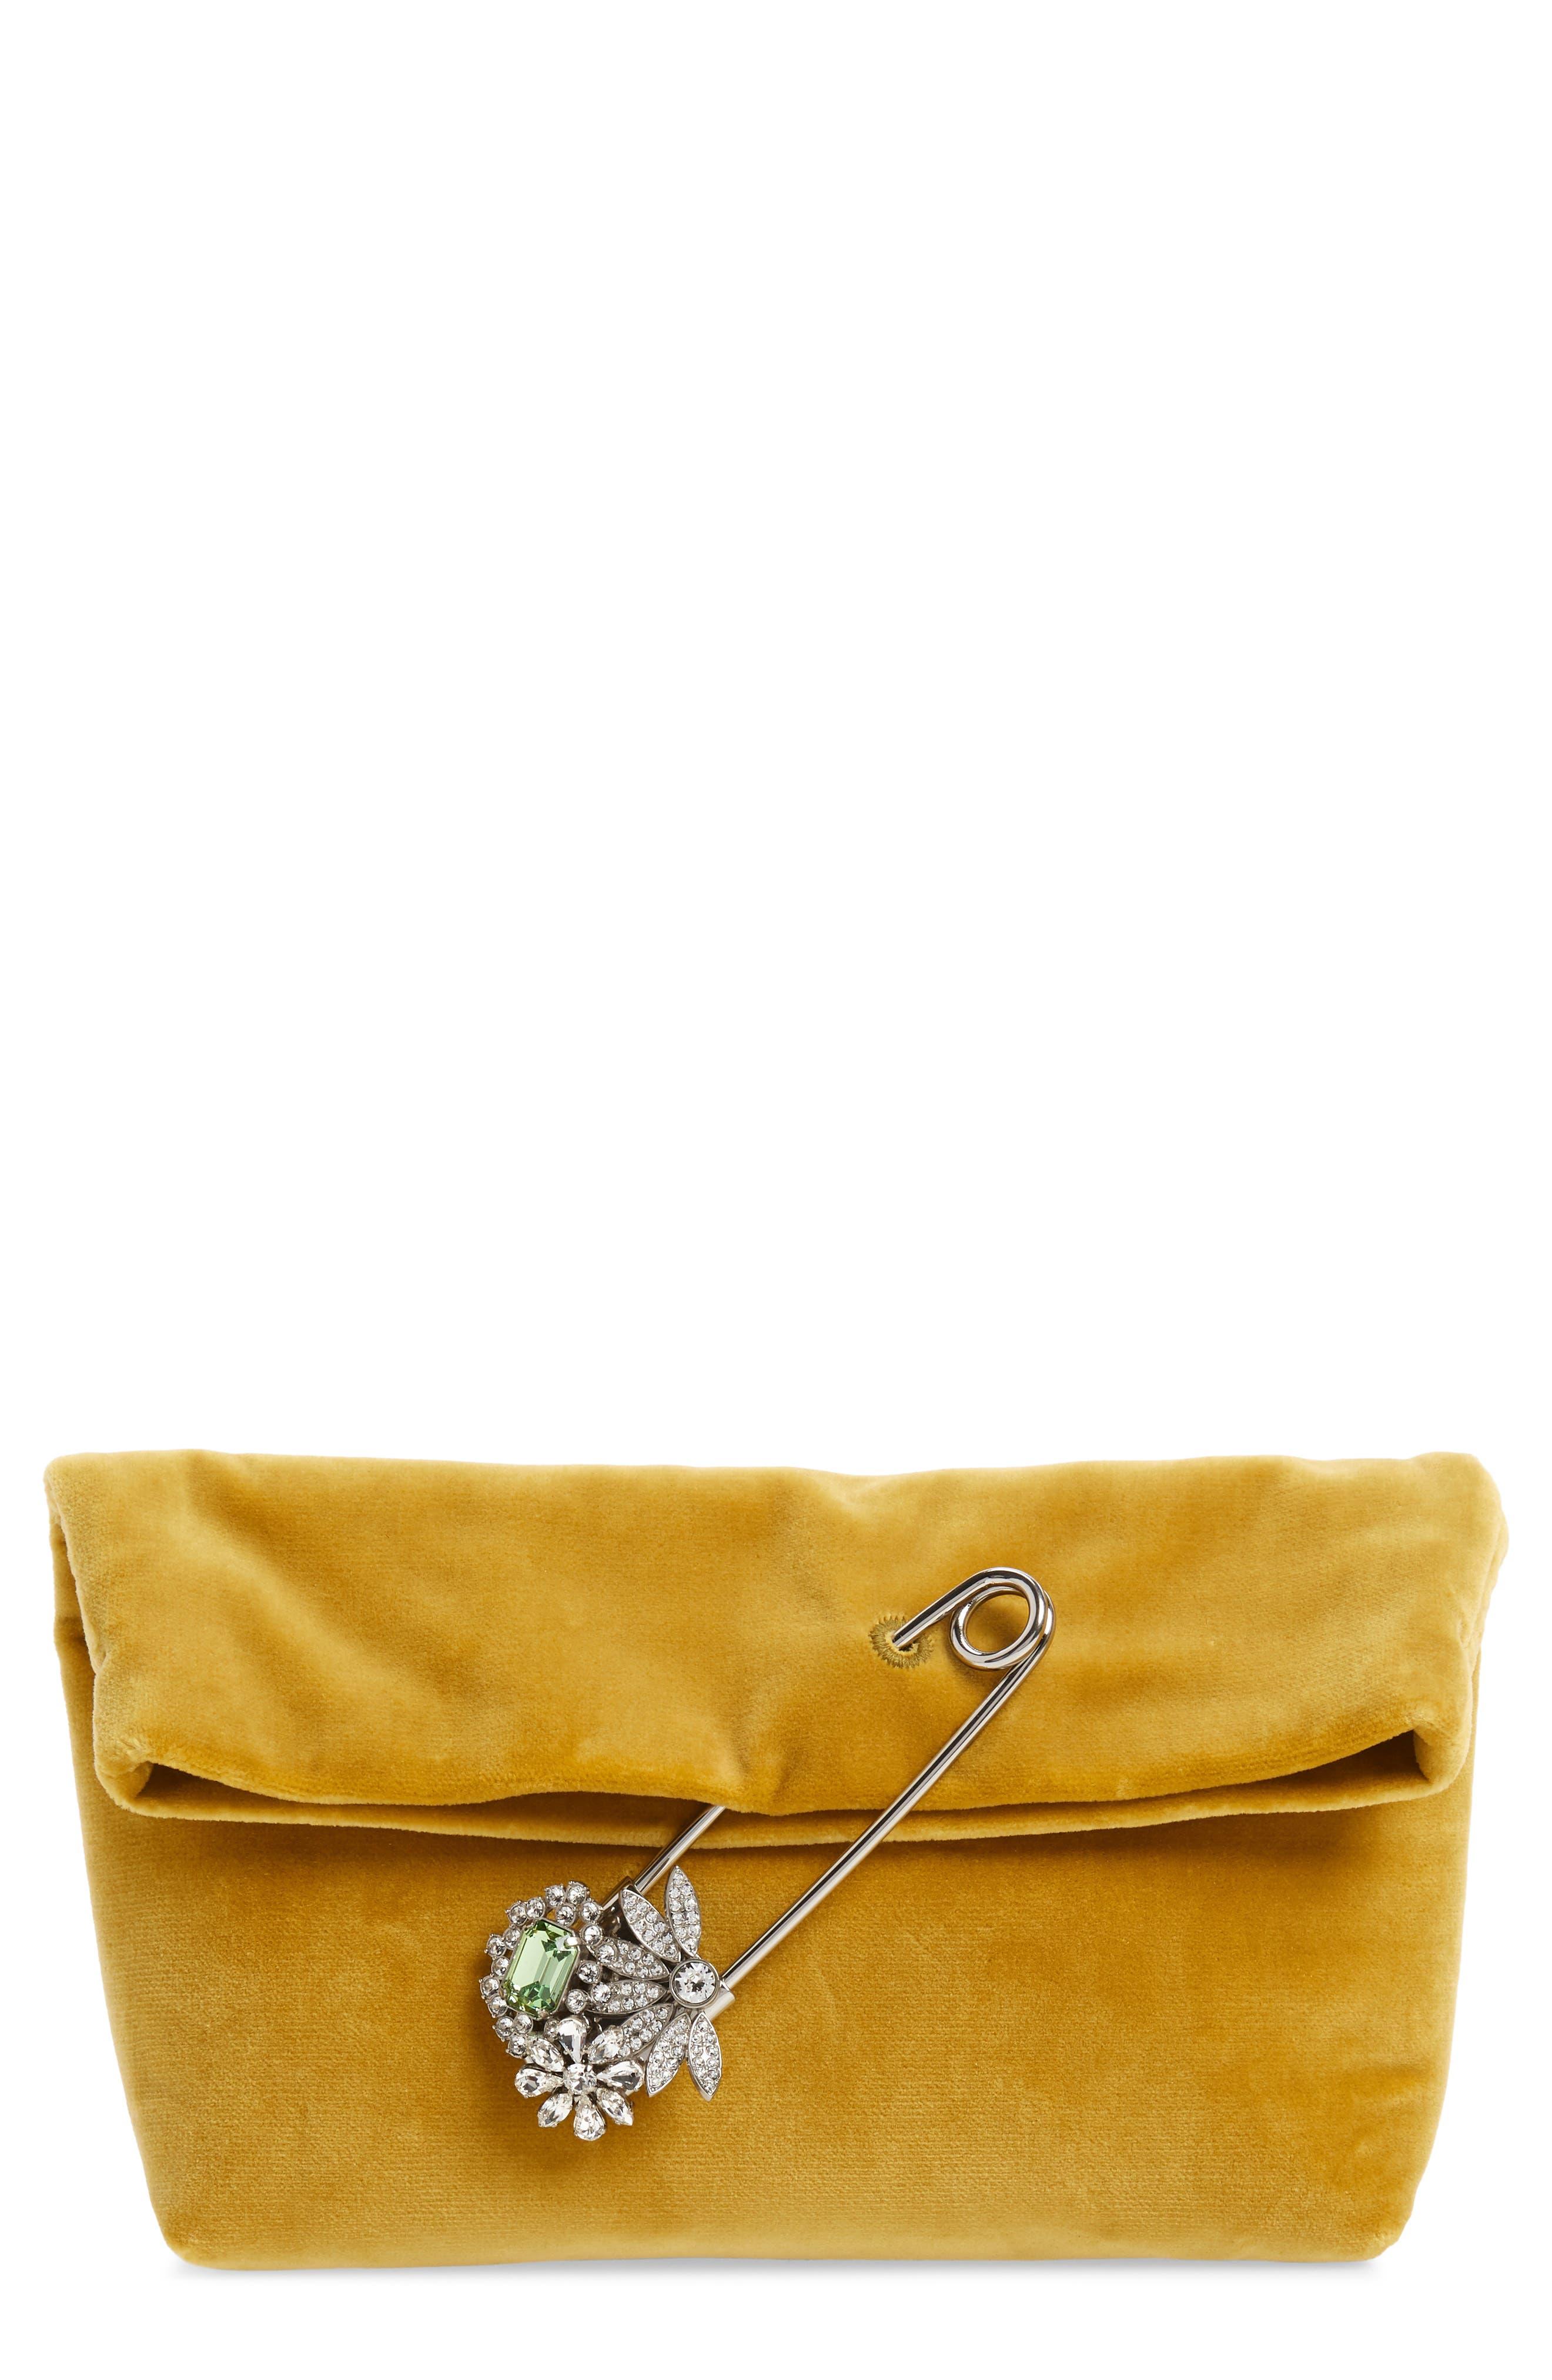 cdcc1f6c65a Burberry Women s Handbags, Purses   Wallets   Nordstrom